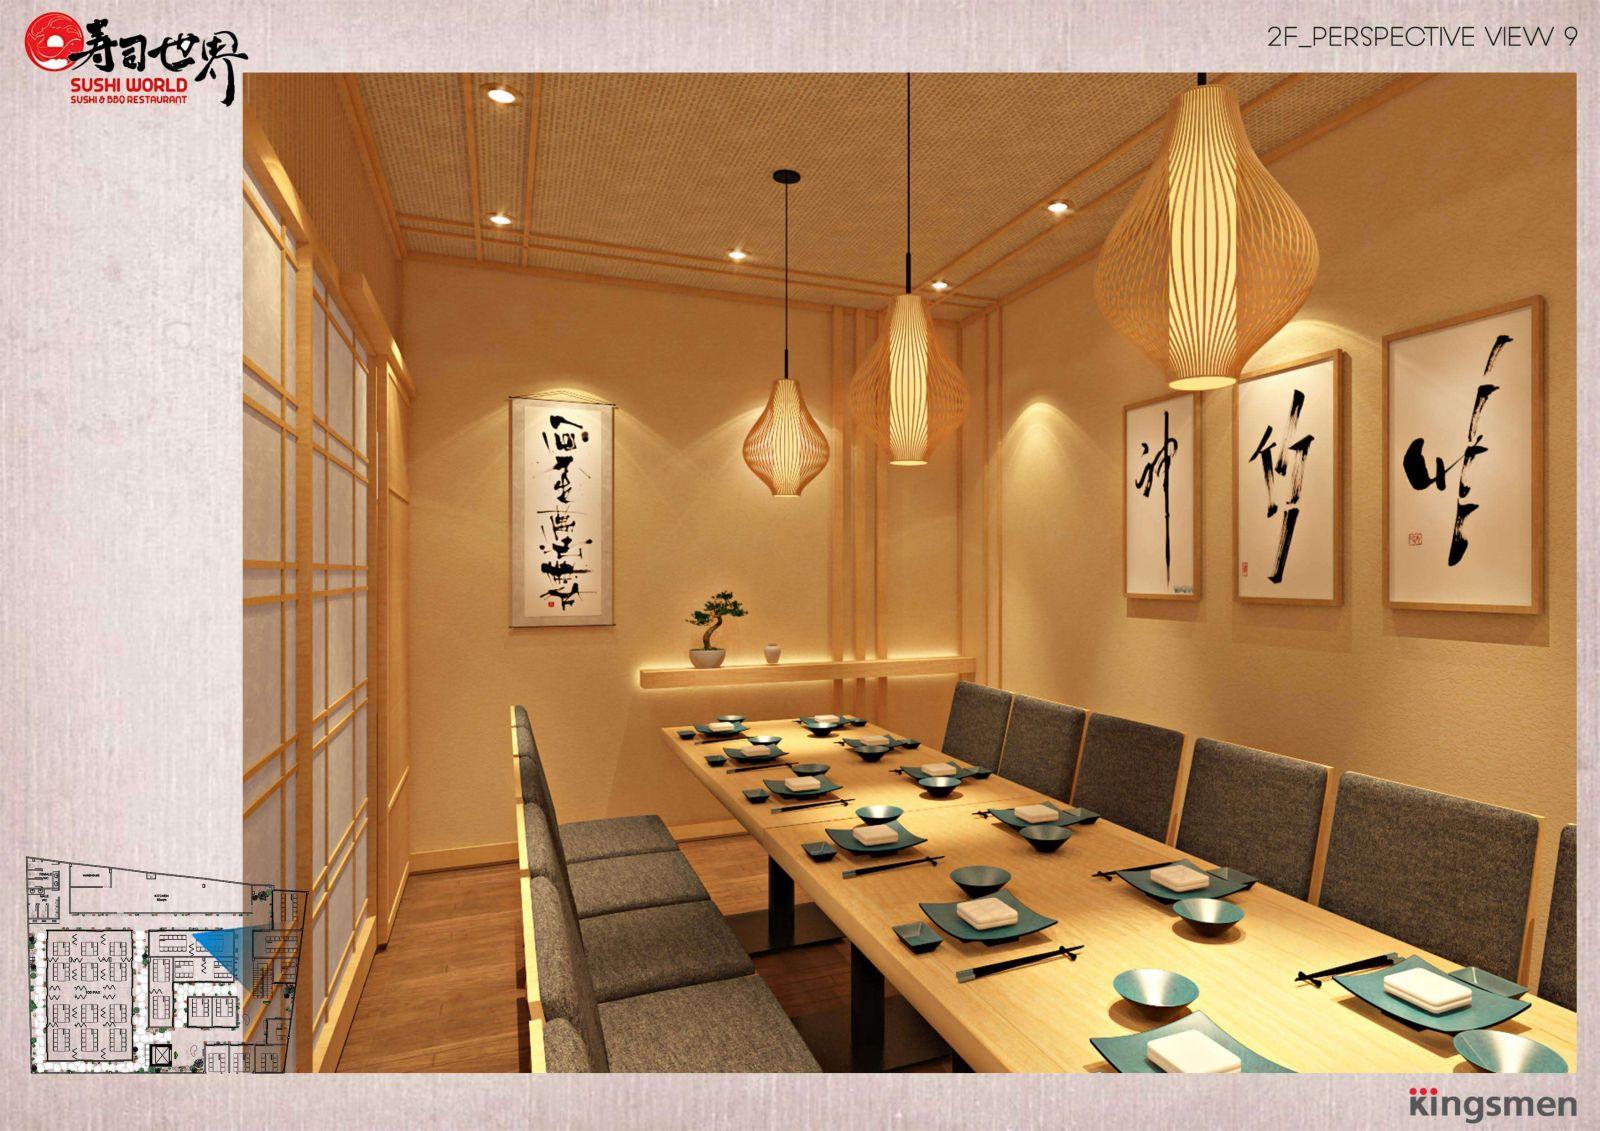 mẫu thiết kế bàn ghế nội thất cao cấp cho nhà hàng nhật bản